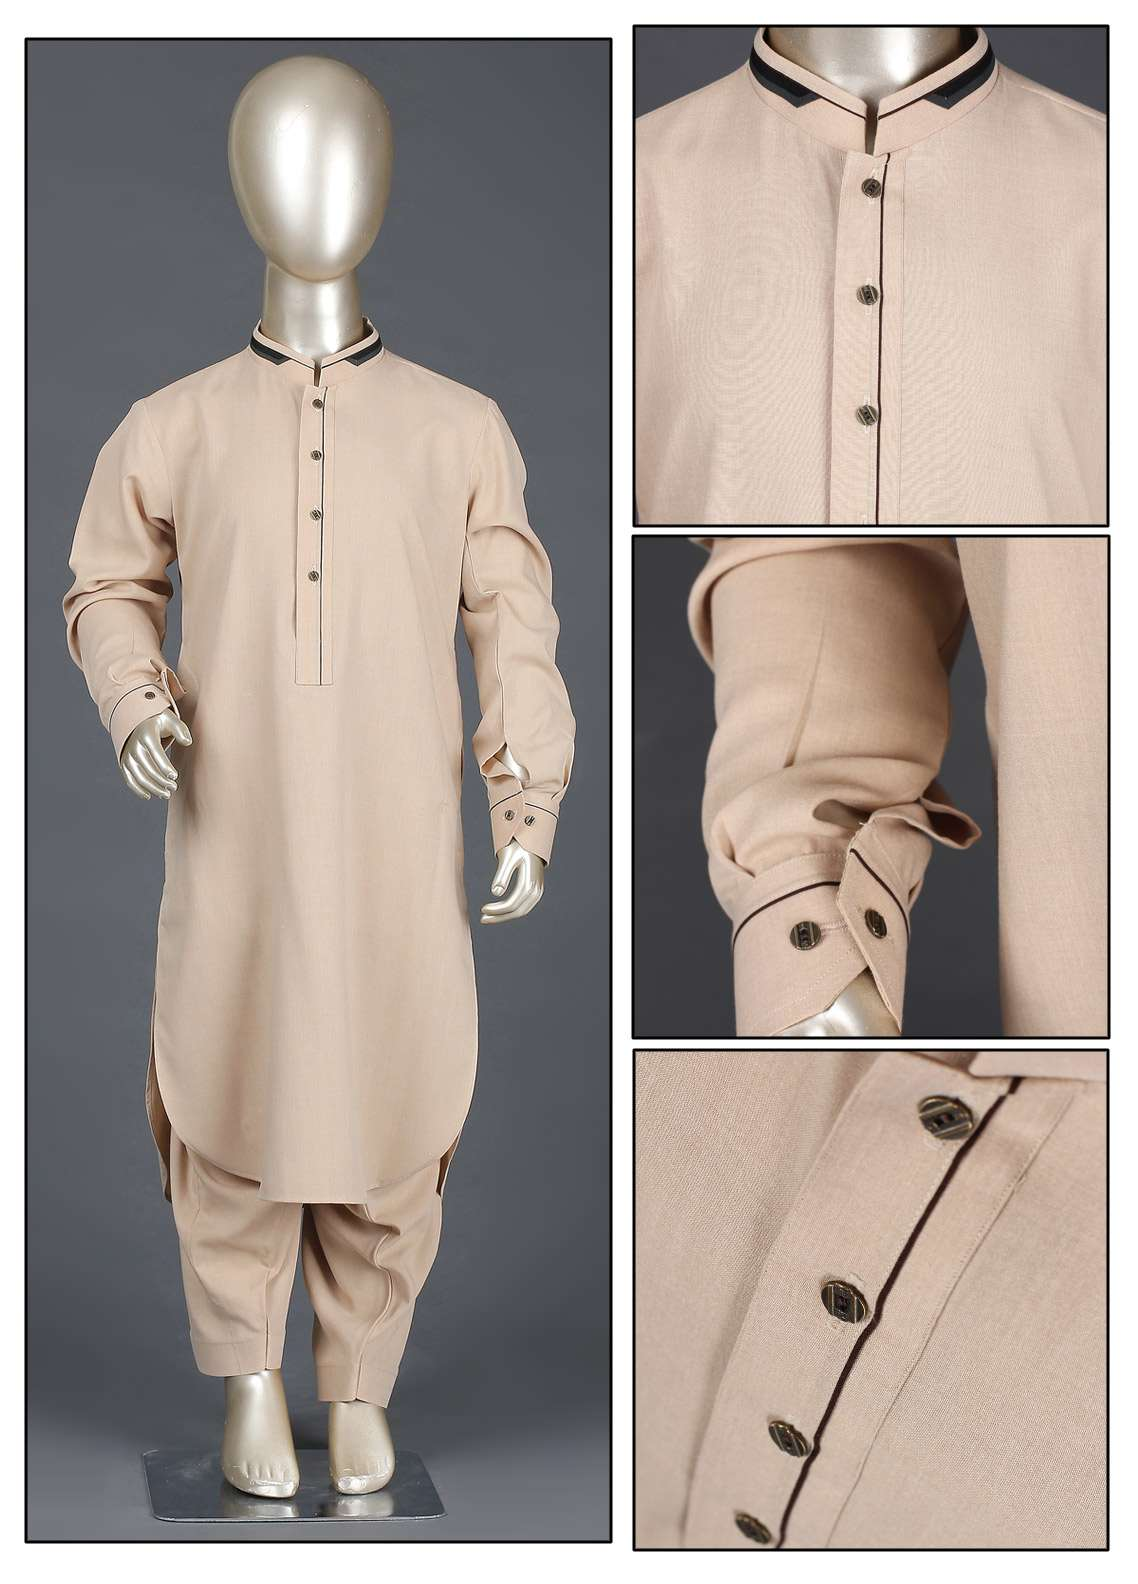 Aizaz Zafar Wash N Wear Formal Kameez Shalwar for Boys - AZ19B 221 Beige